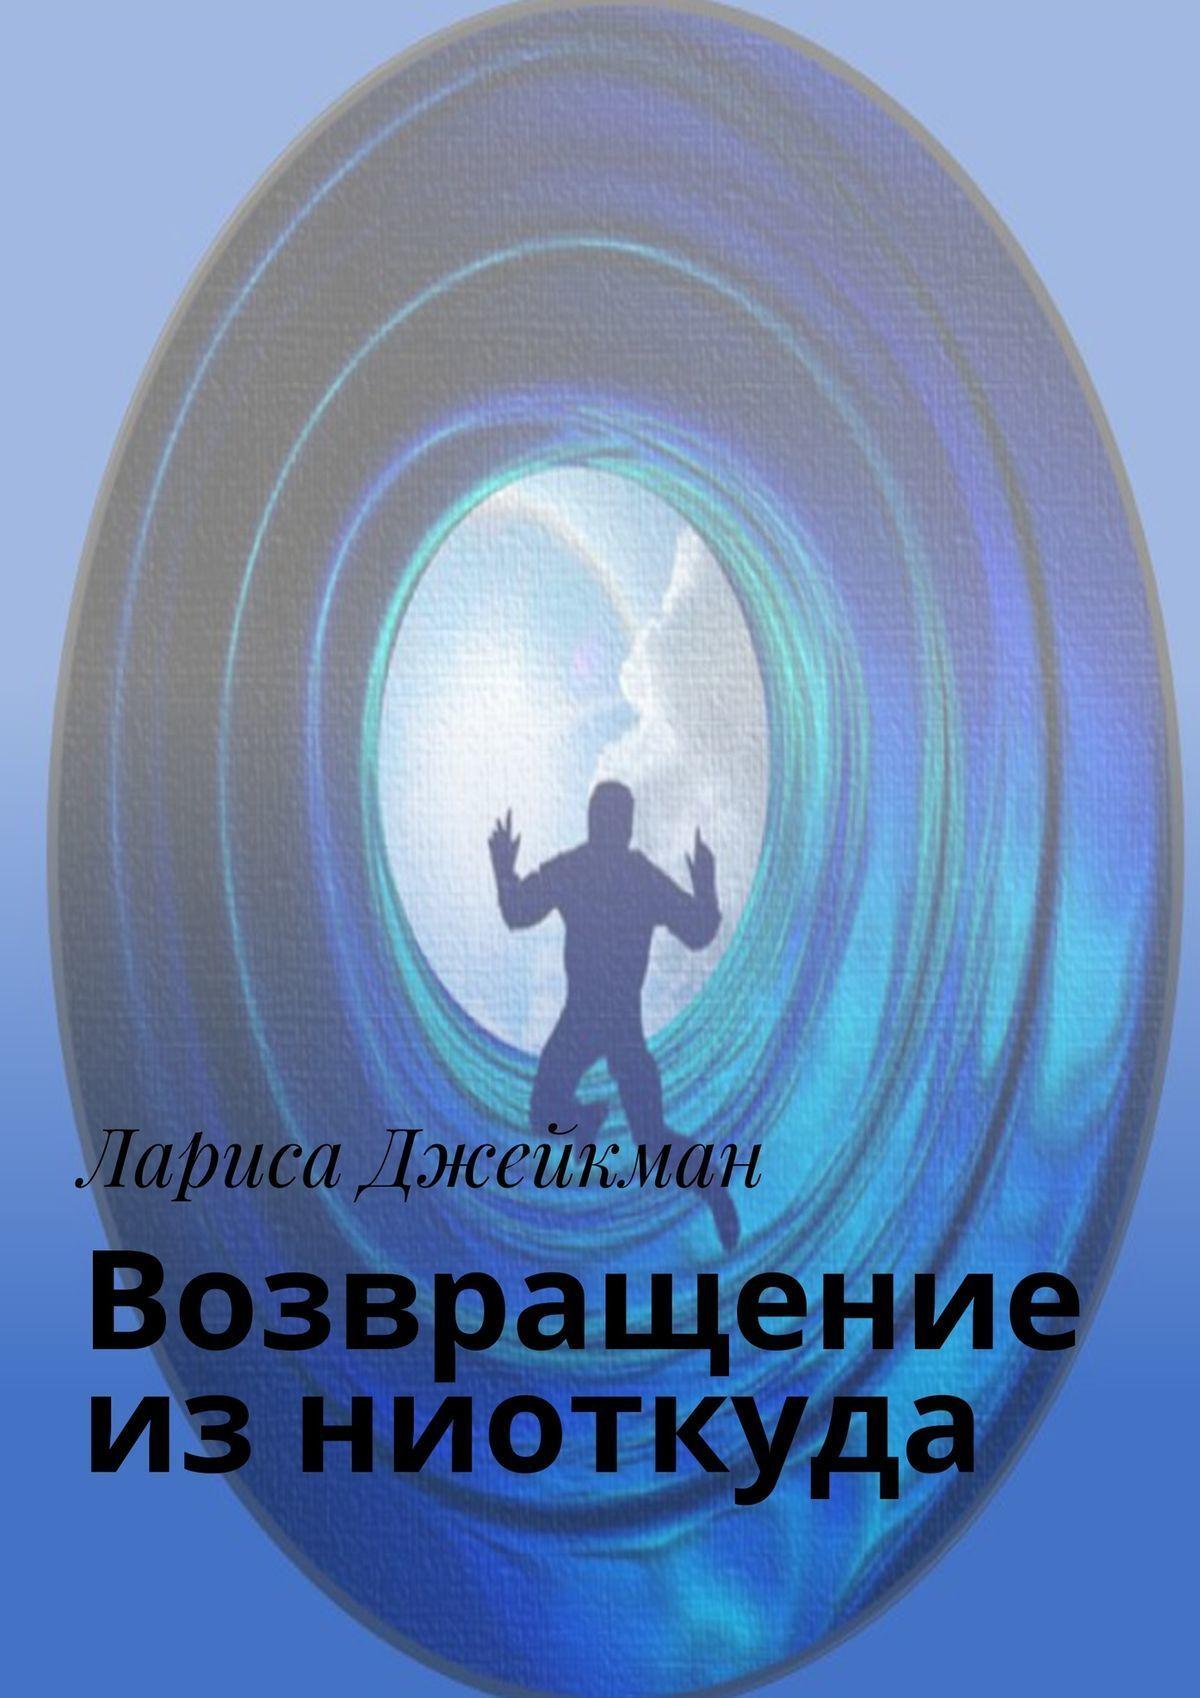 Обложка книги Возвращение изниоткуда, автор Лариса Джейкман